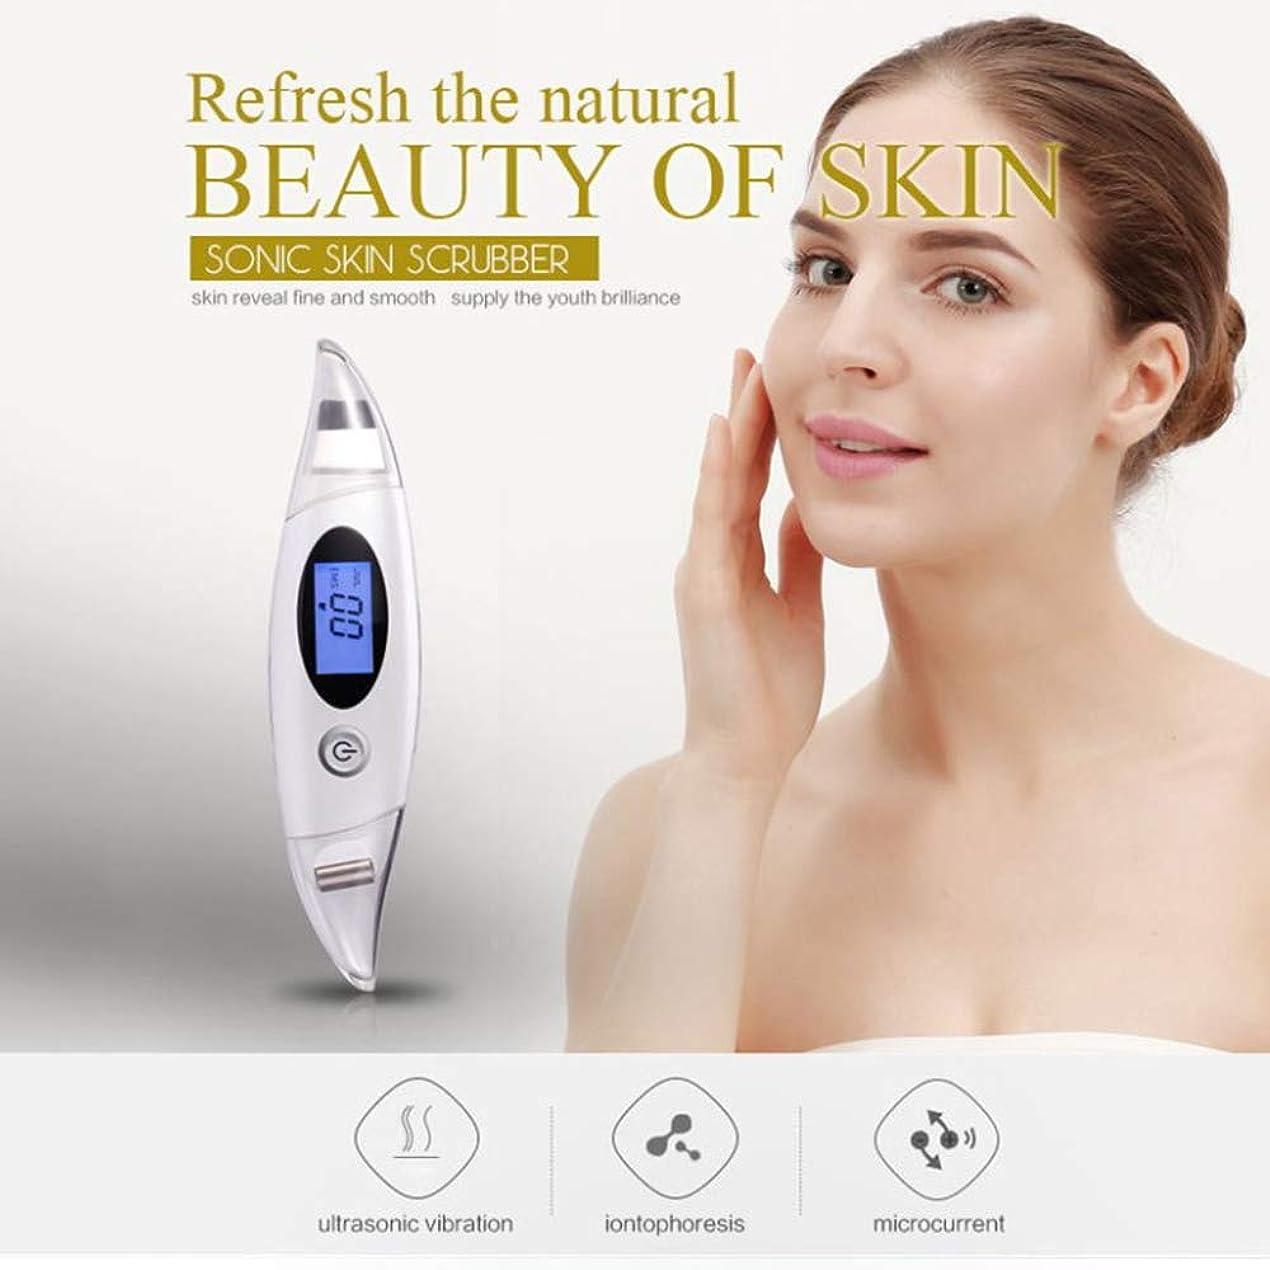 あごひげ受粉するファントムしわ除去Rf美容デバイス、顔のクレンジング、リフティング&引き締めデバイス、ディープクレンジング振動美容ツールをきつく締めるフェイスリフティングスキン